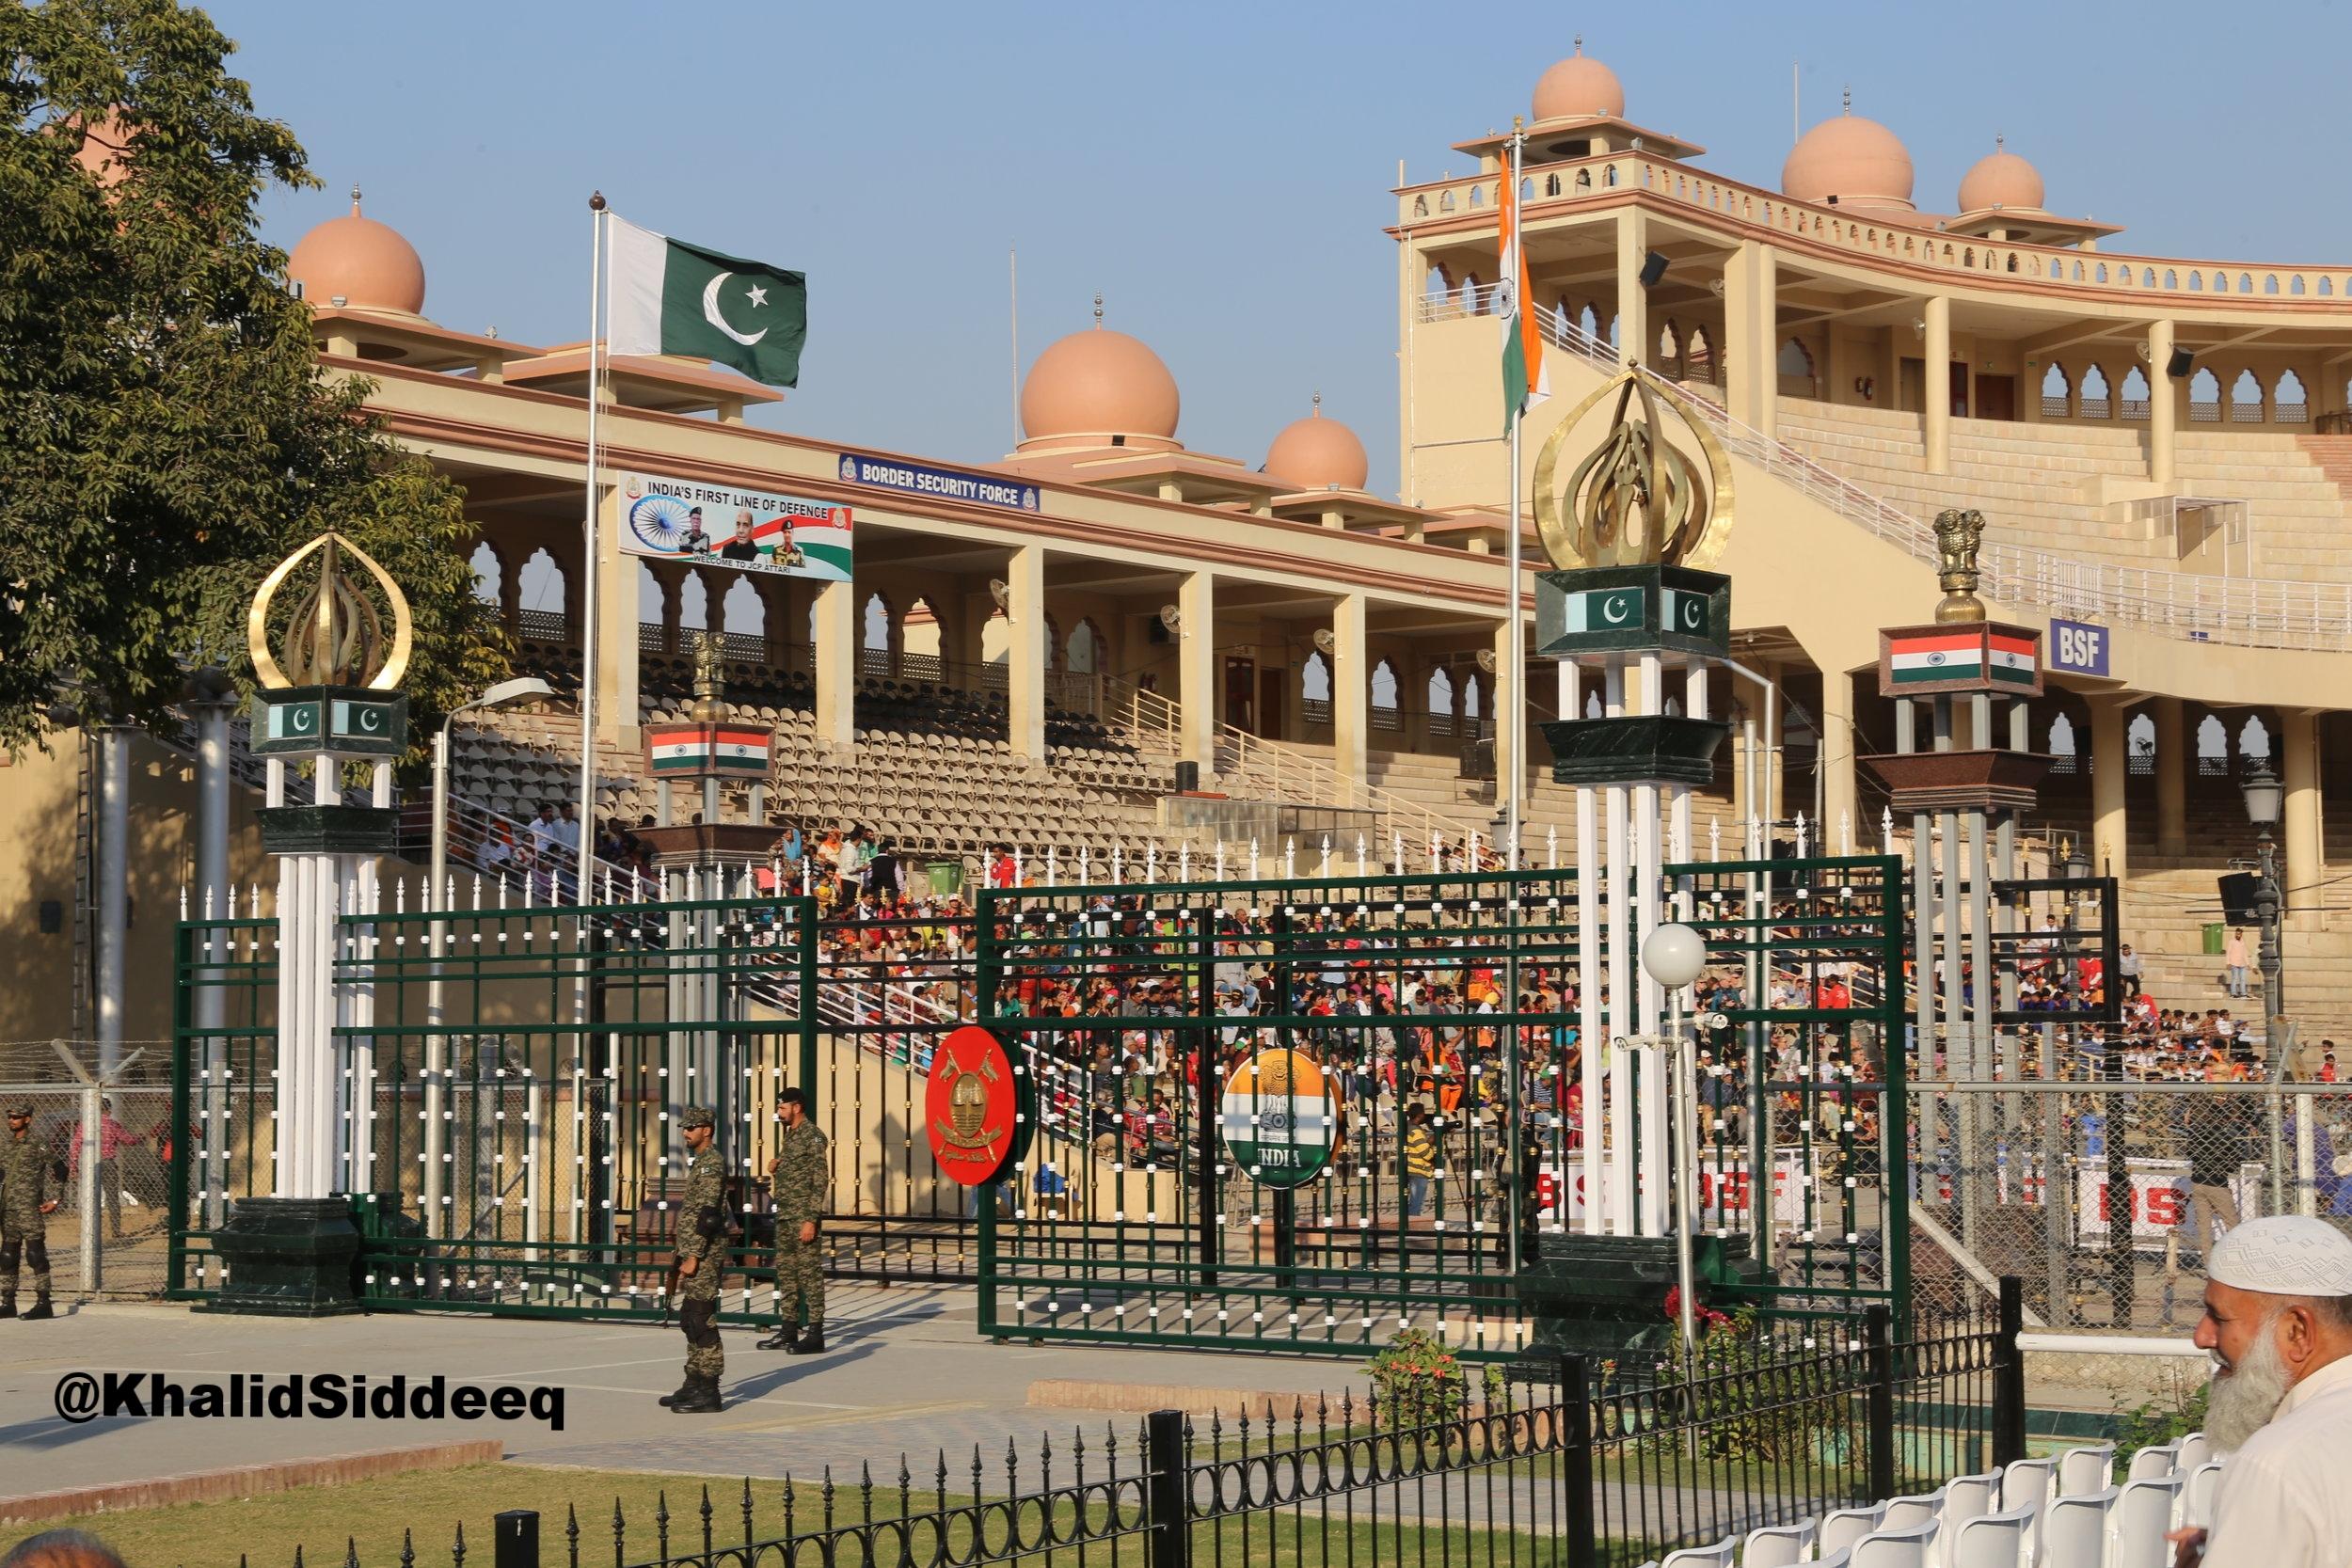 النقطة الحدودية بين باكستان والهند - شاهدة على كثير من الأحداث التاريخية